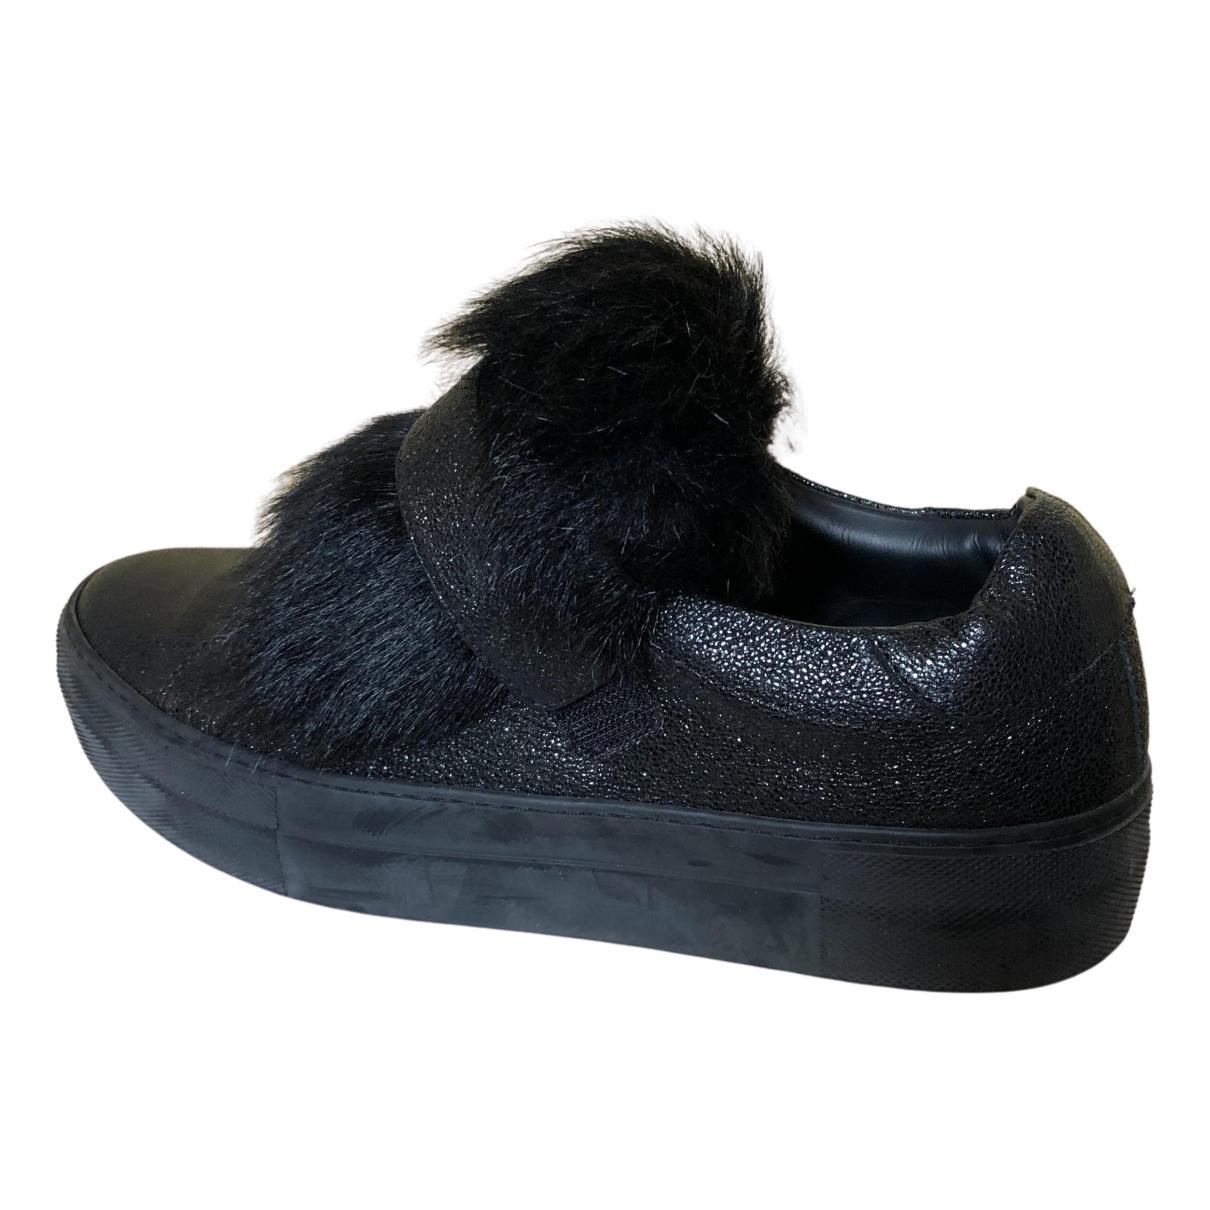 Moncler \N Sneakers in  Schwarz Leder